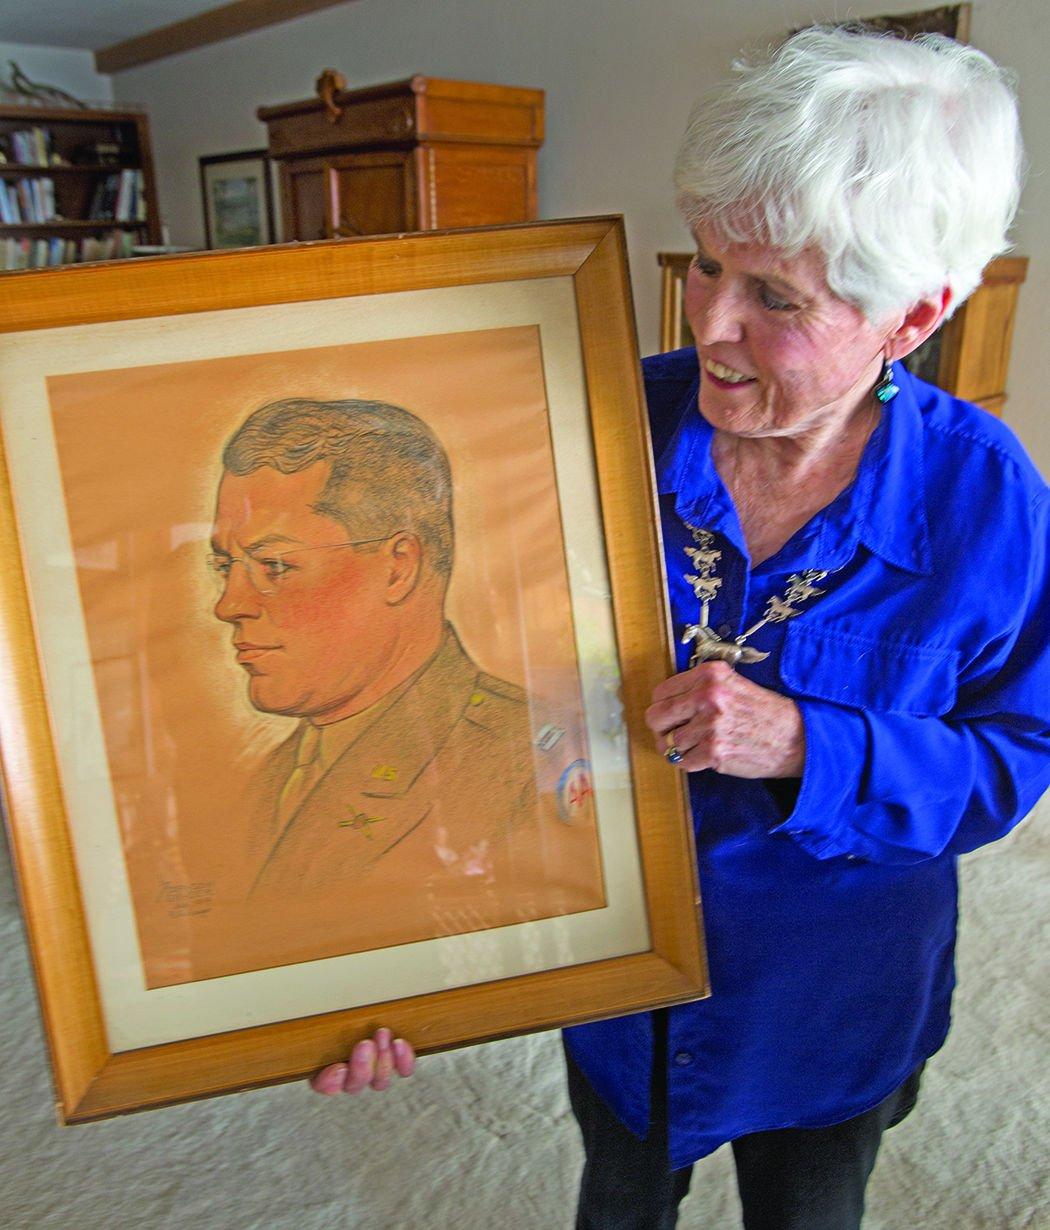 Monument Men Army Major Pearson portrait